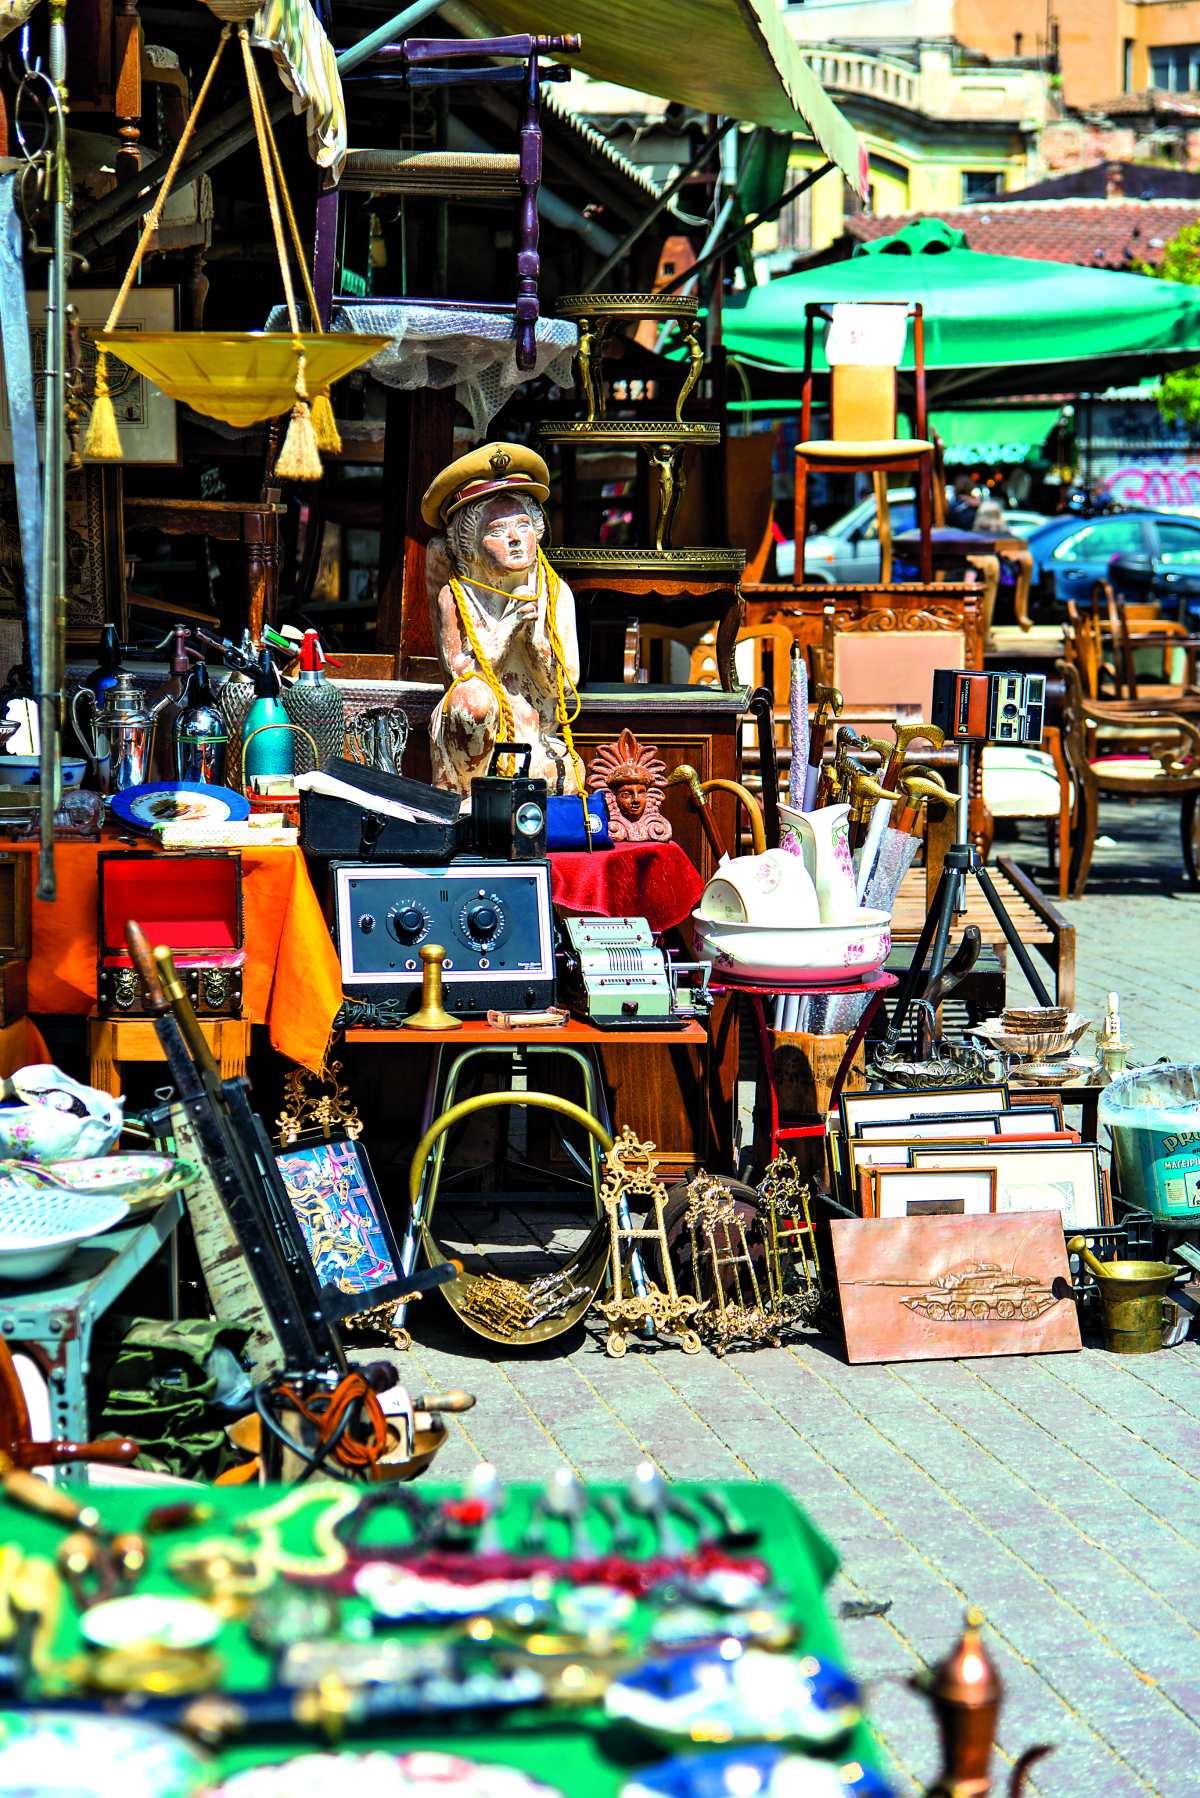 Πλατεία Αβησσυνίας, αντικείμενα second hand προς πώληση